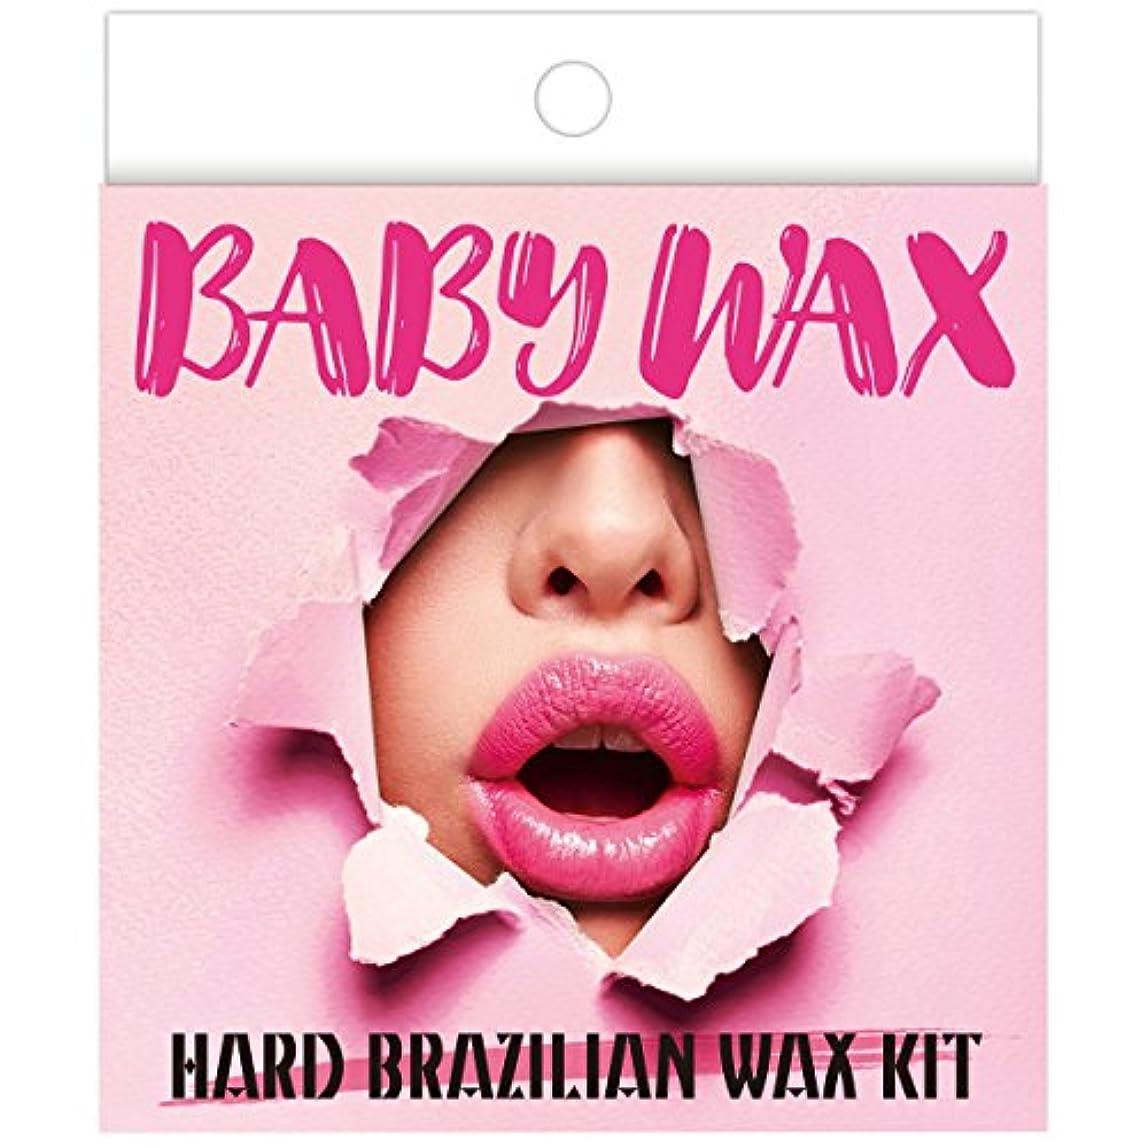 血まみれの目指す独占babywax(ベビーワックス) ハード ブラジリアン ワックス キット (1セット)